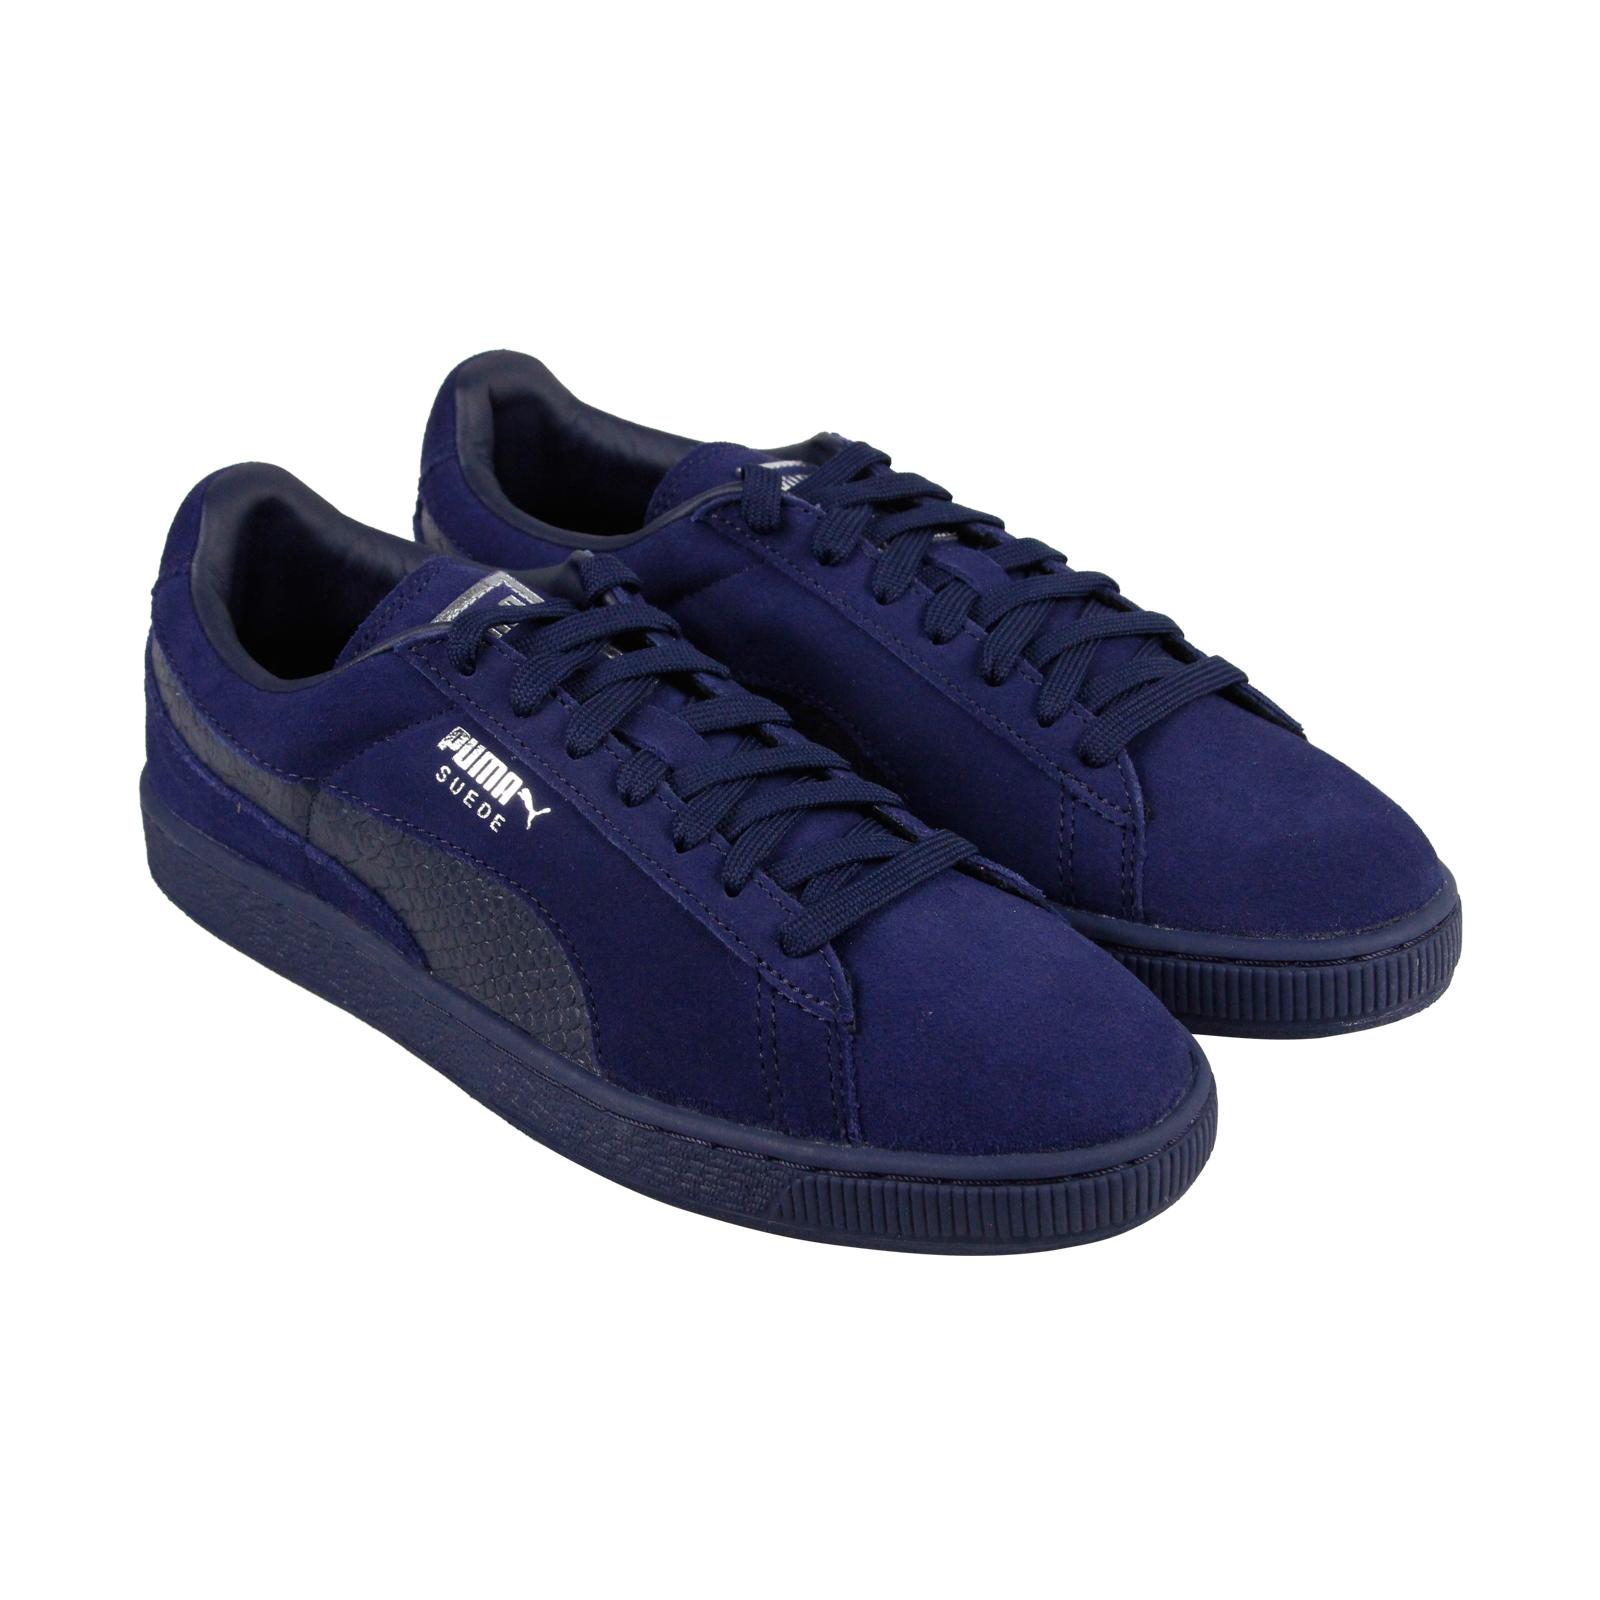 Puma mono reptil Hombre Azul Suede Lace Up Up Lace zapatos de liquidación de temporada zapatillas 9,5 e68003